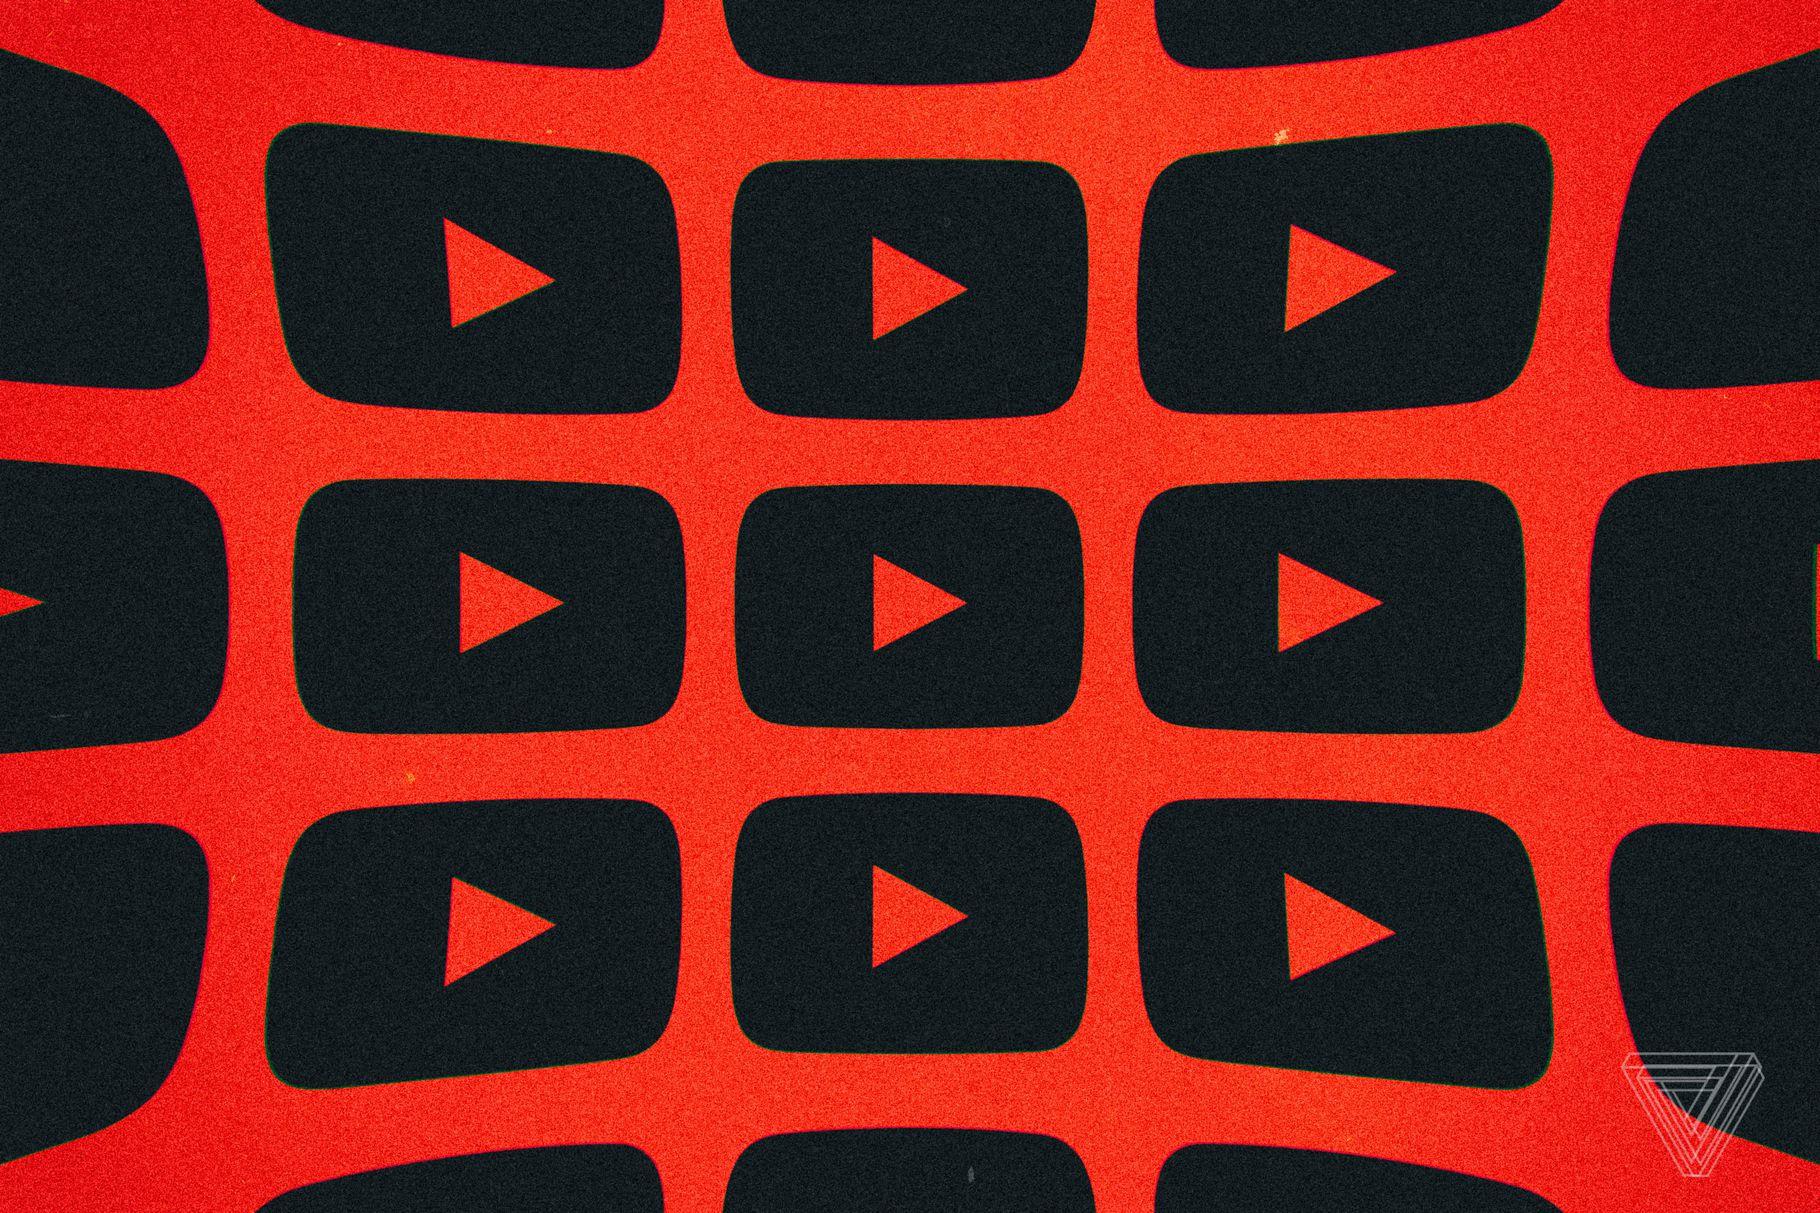 Nhiều video quảng cáo dịch vụ bán luận văn bị gỡ khỏi YouTube